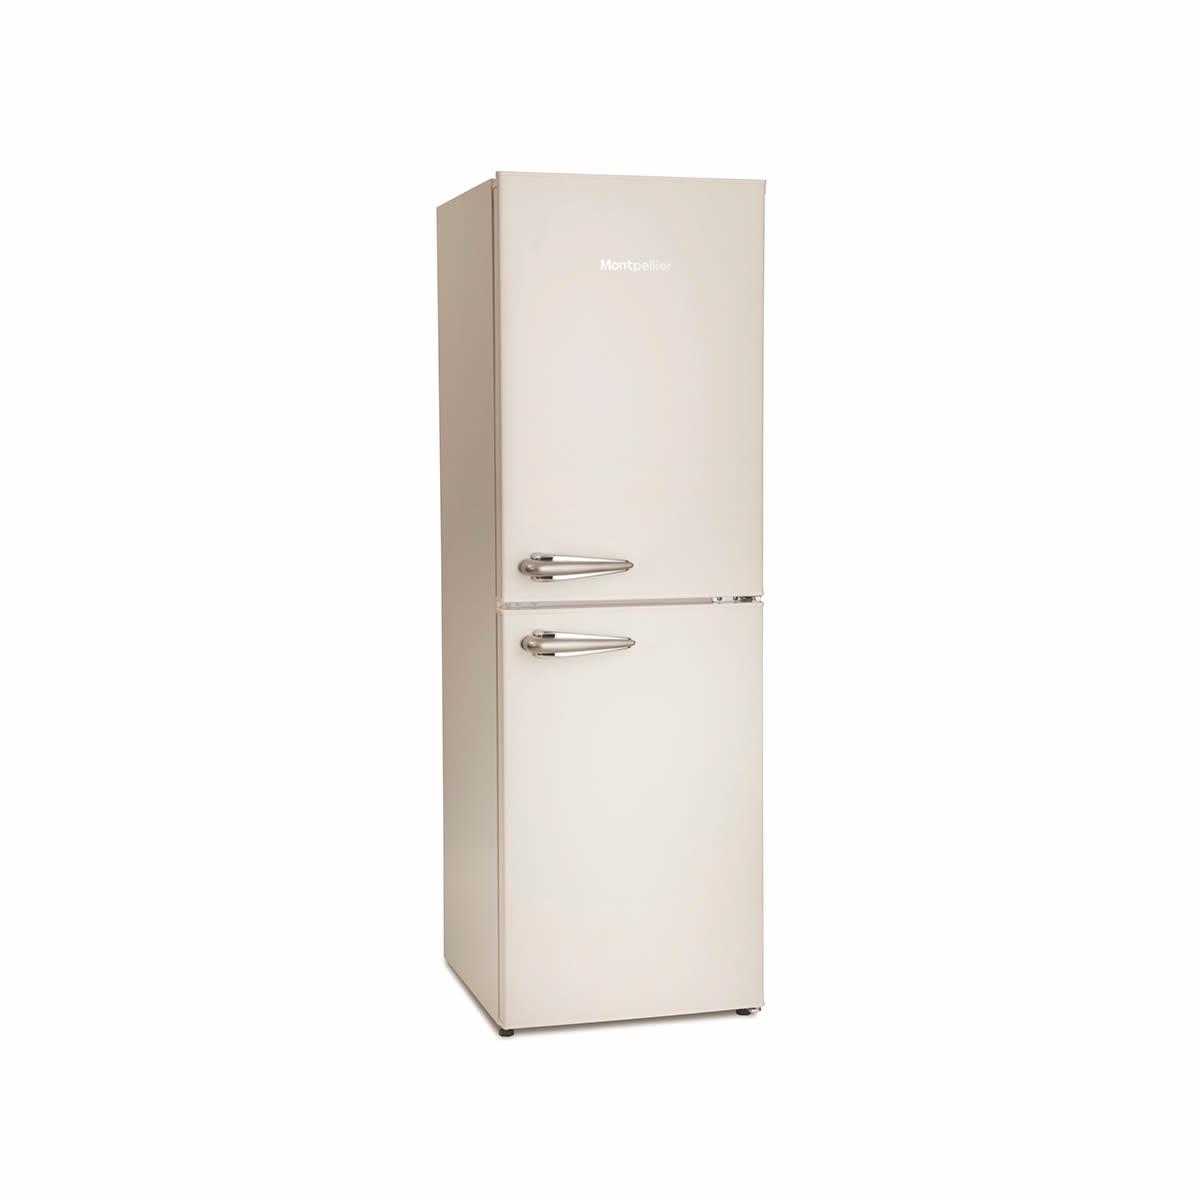 MAB148C 155litre RETRO 50/50 Fridge Freezer Class A+ Cream